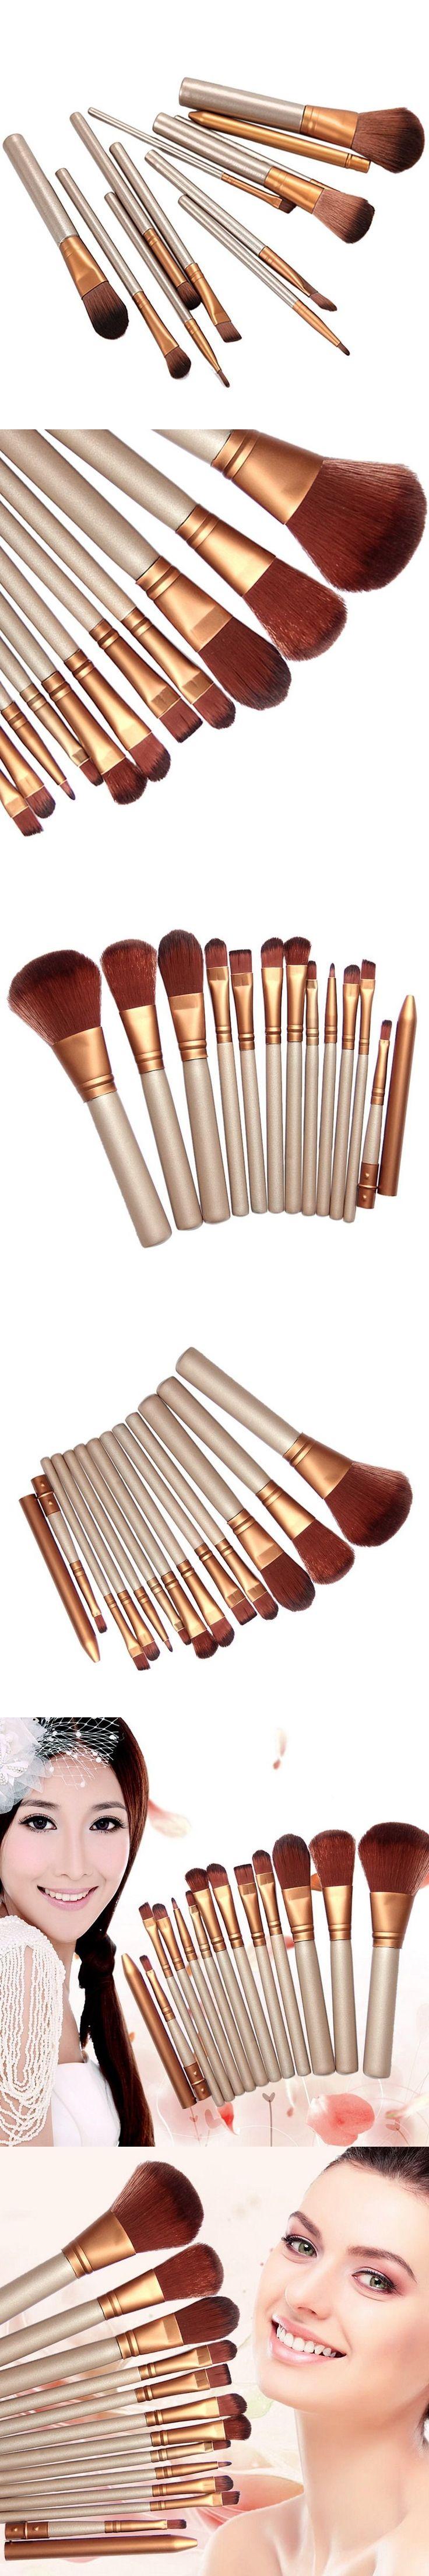 12Pcs/Lot Fashion Makeup Powder Brushes Set Professional Cosmetic Blush Foundation Eyeshadow Eyebrow Lip Brushes Tool